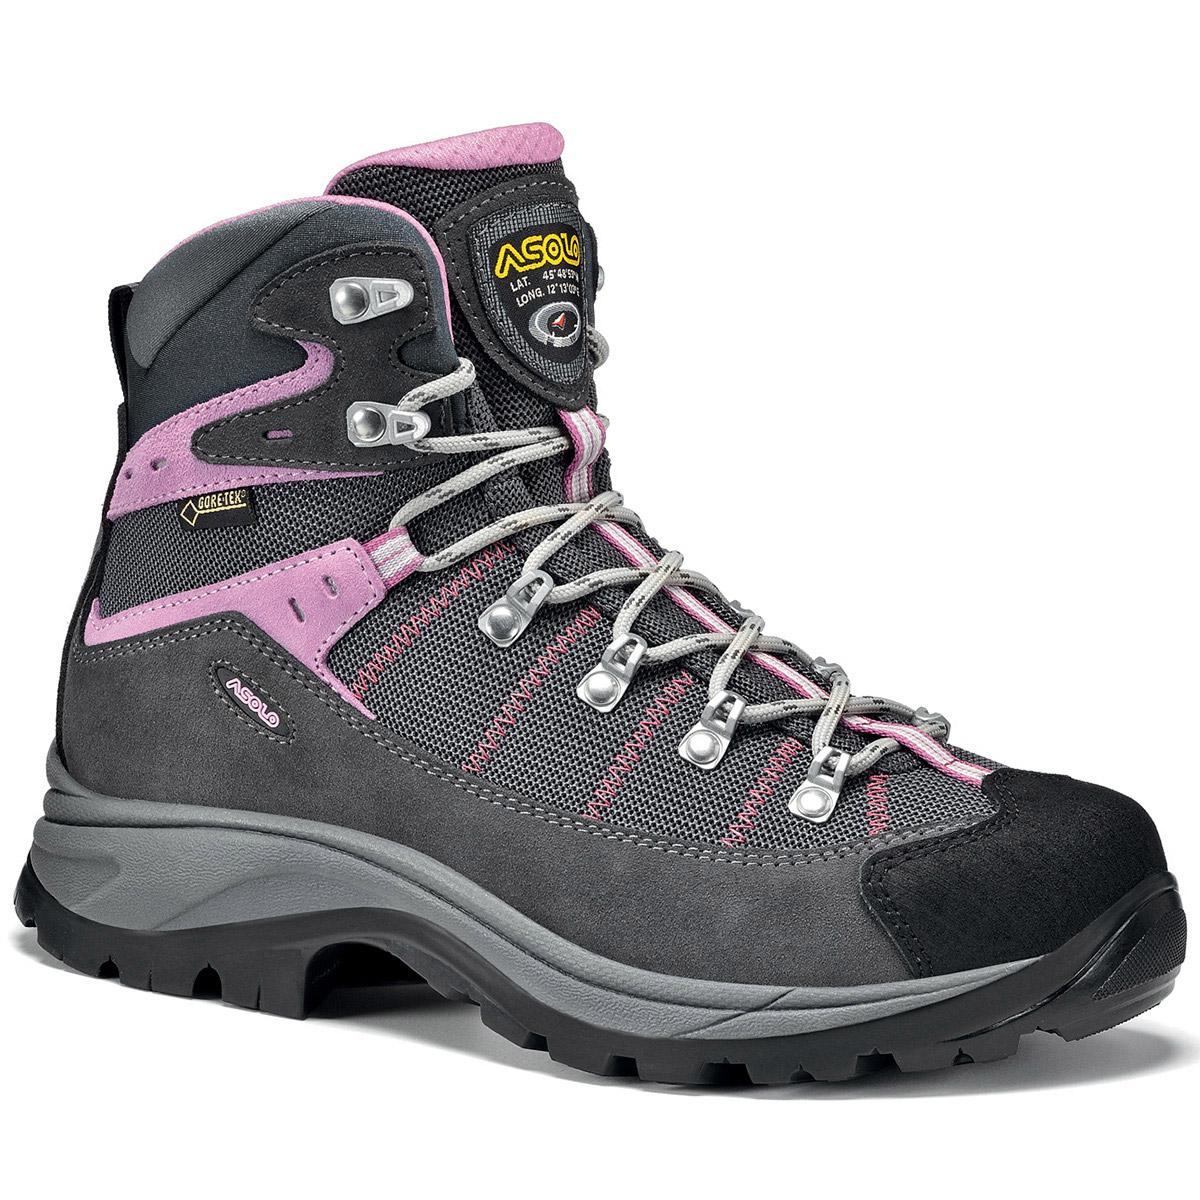 ASOLO Women's Revert GTX Hiking Boots